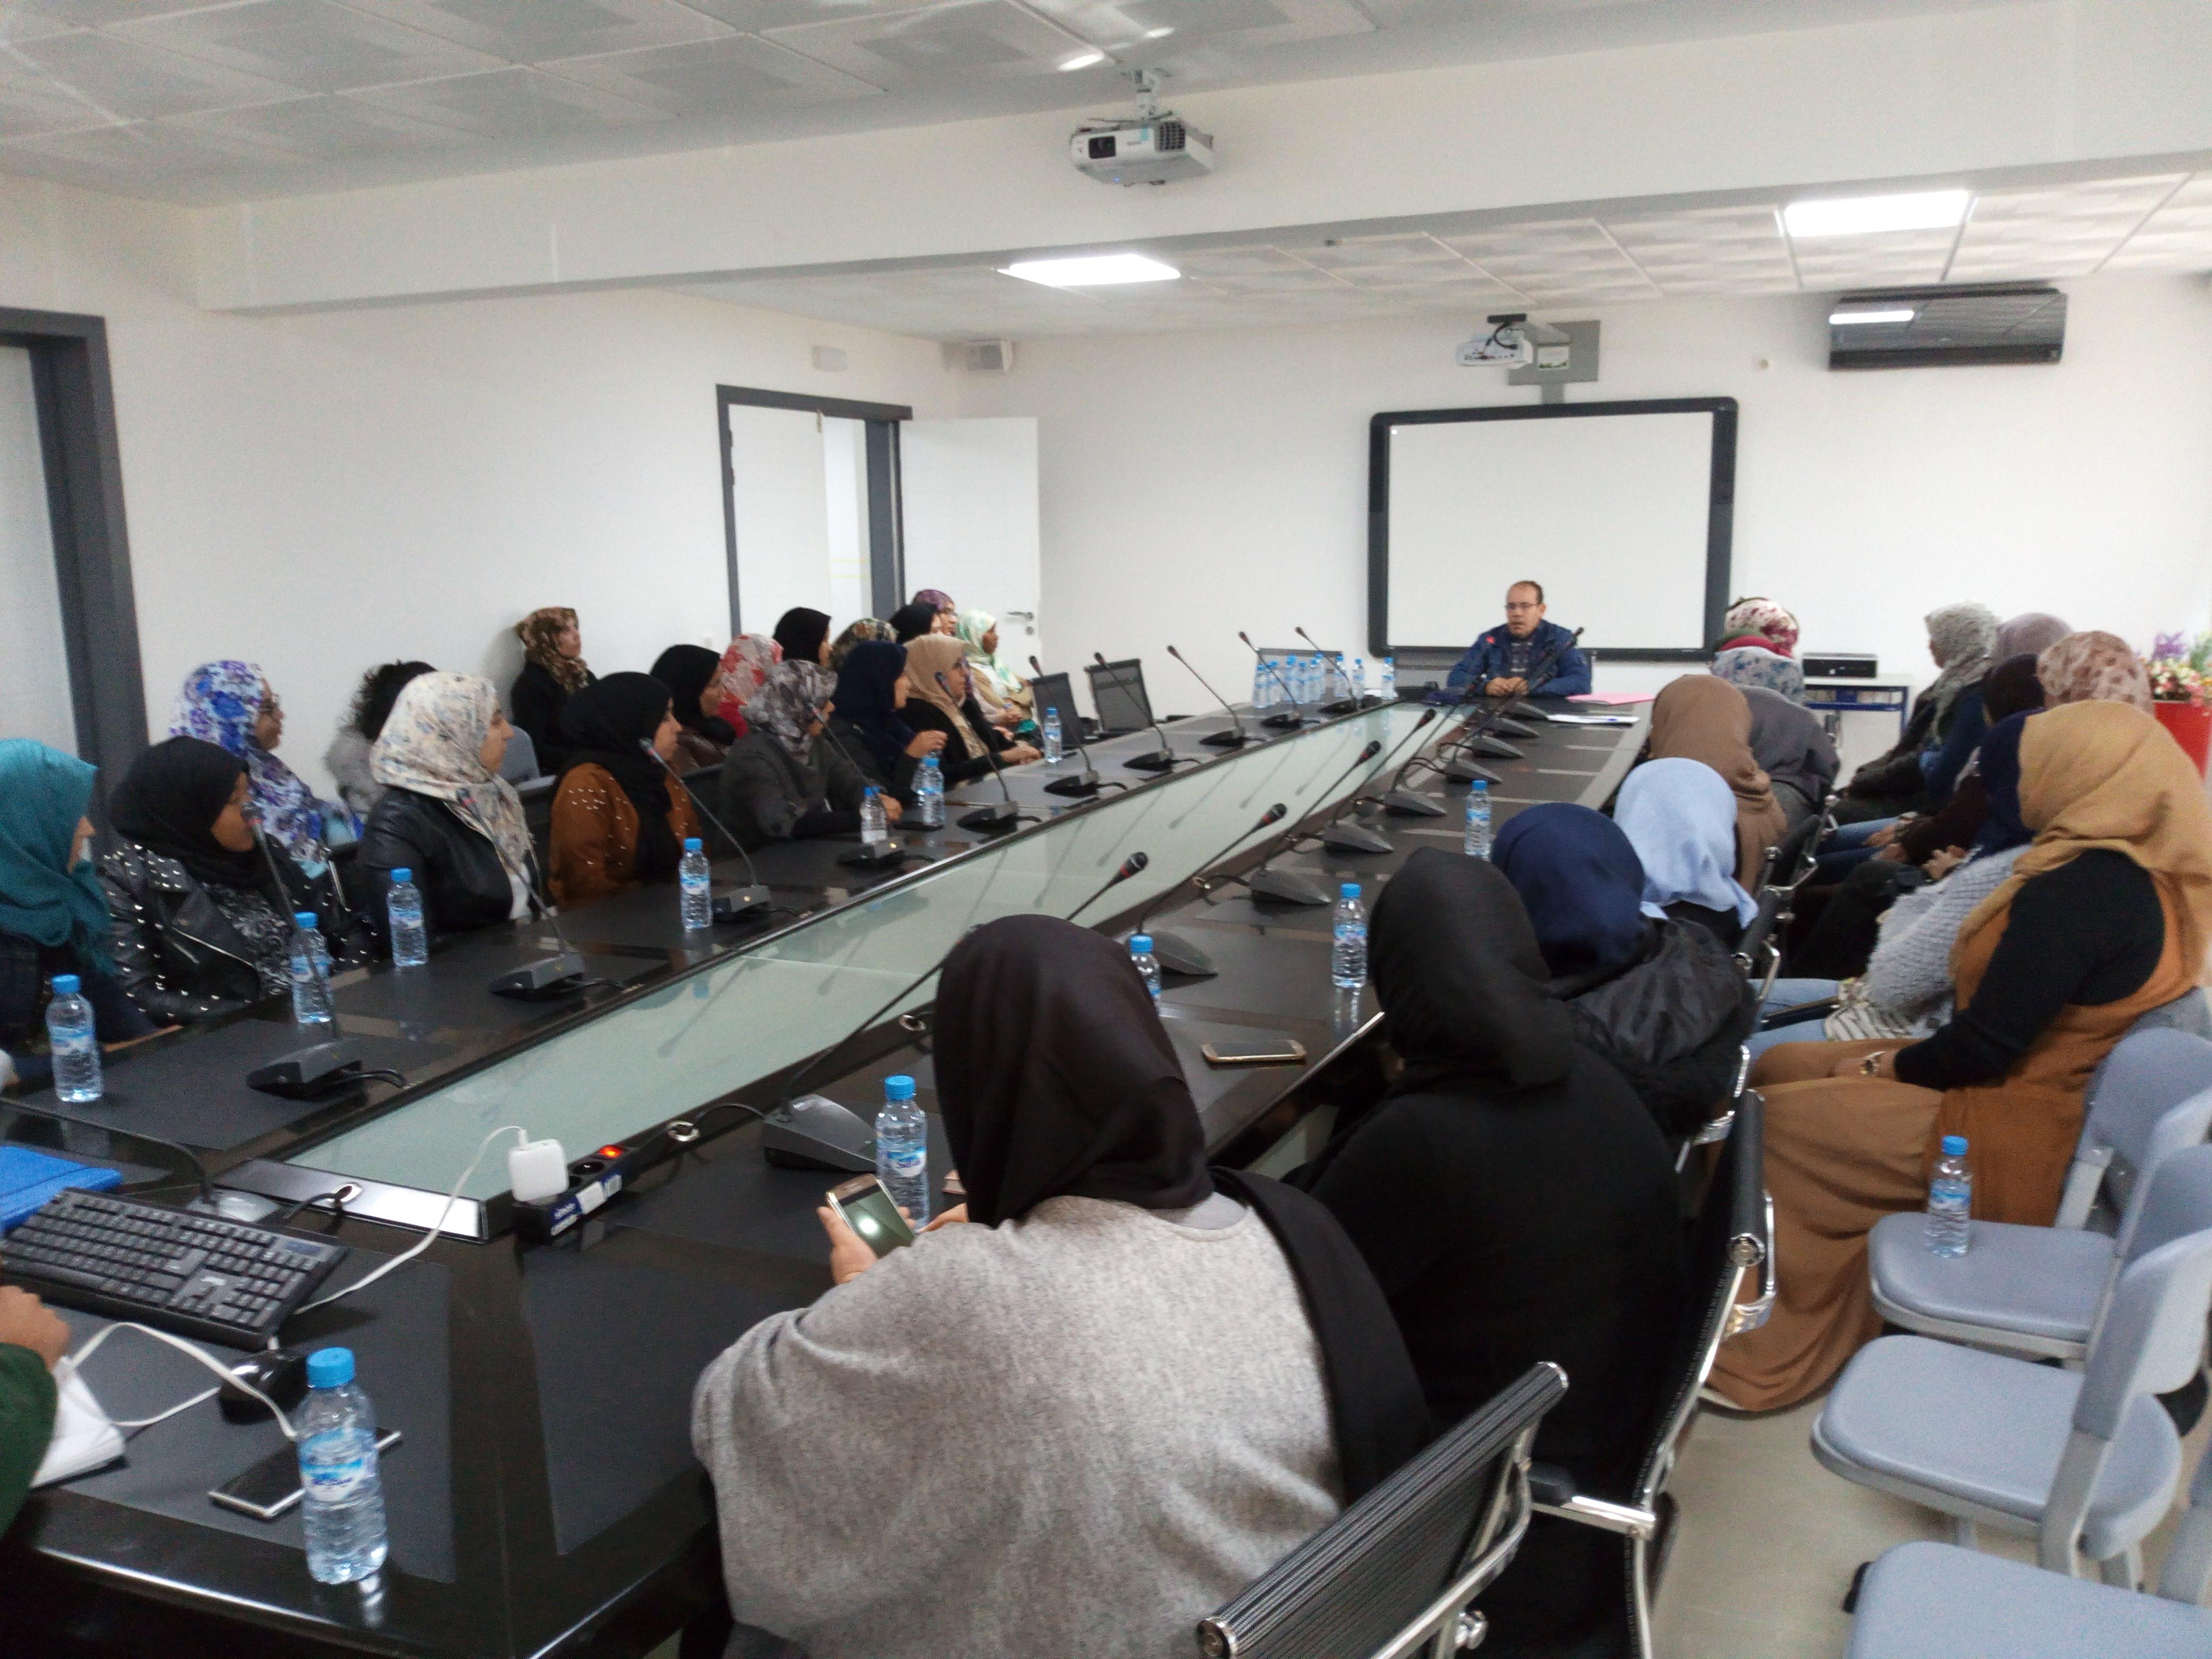 لقاء تواصليا يجمع الهيئة الوطنية للتربية والتعليم الأولي بالمربيات بأكادير